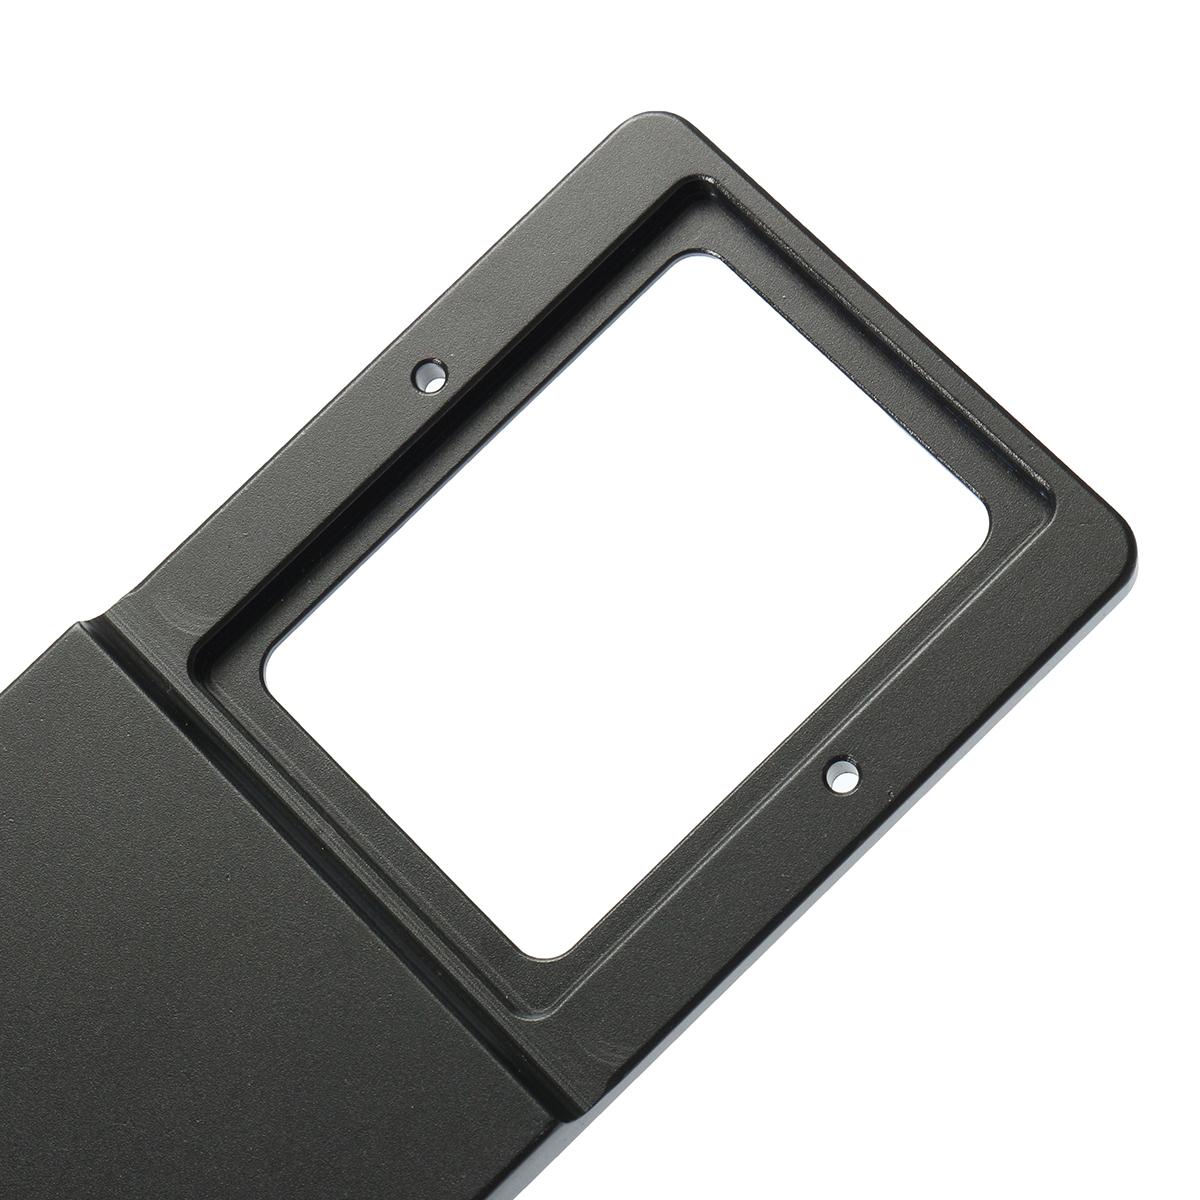 Mount Plate Adapter for Gopro Hero 4 3 Plus DJI Osmo Zhiyun Mobile Gimbal Handheld